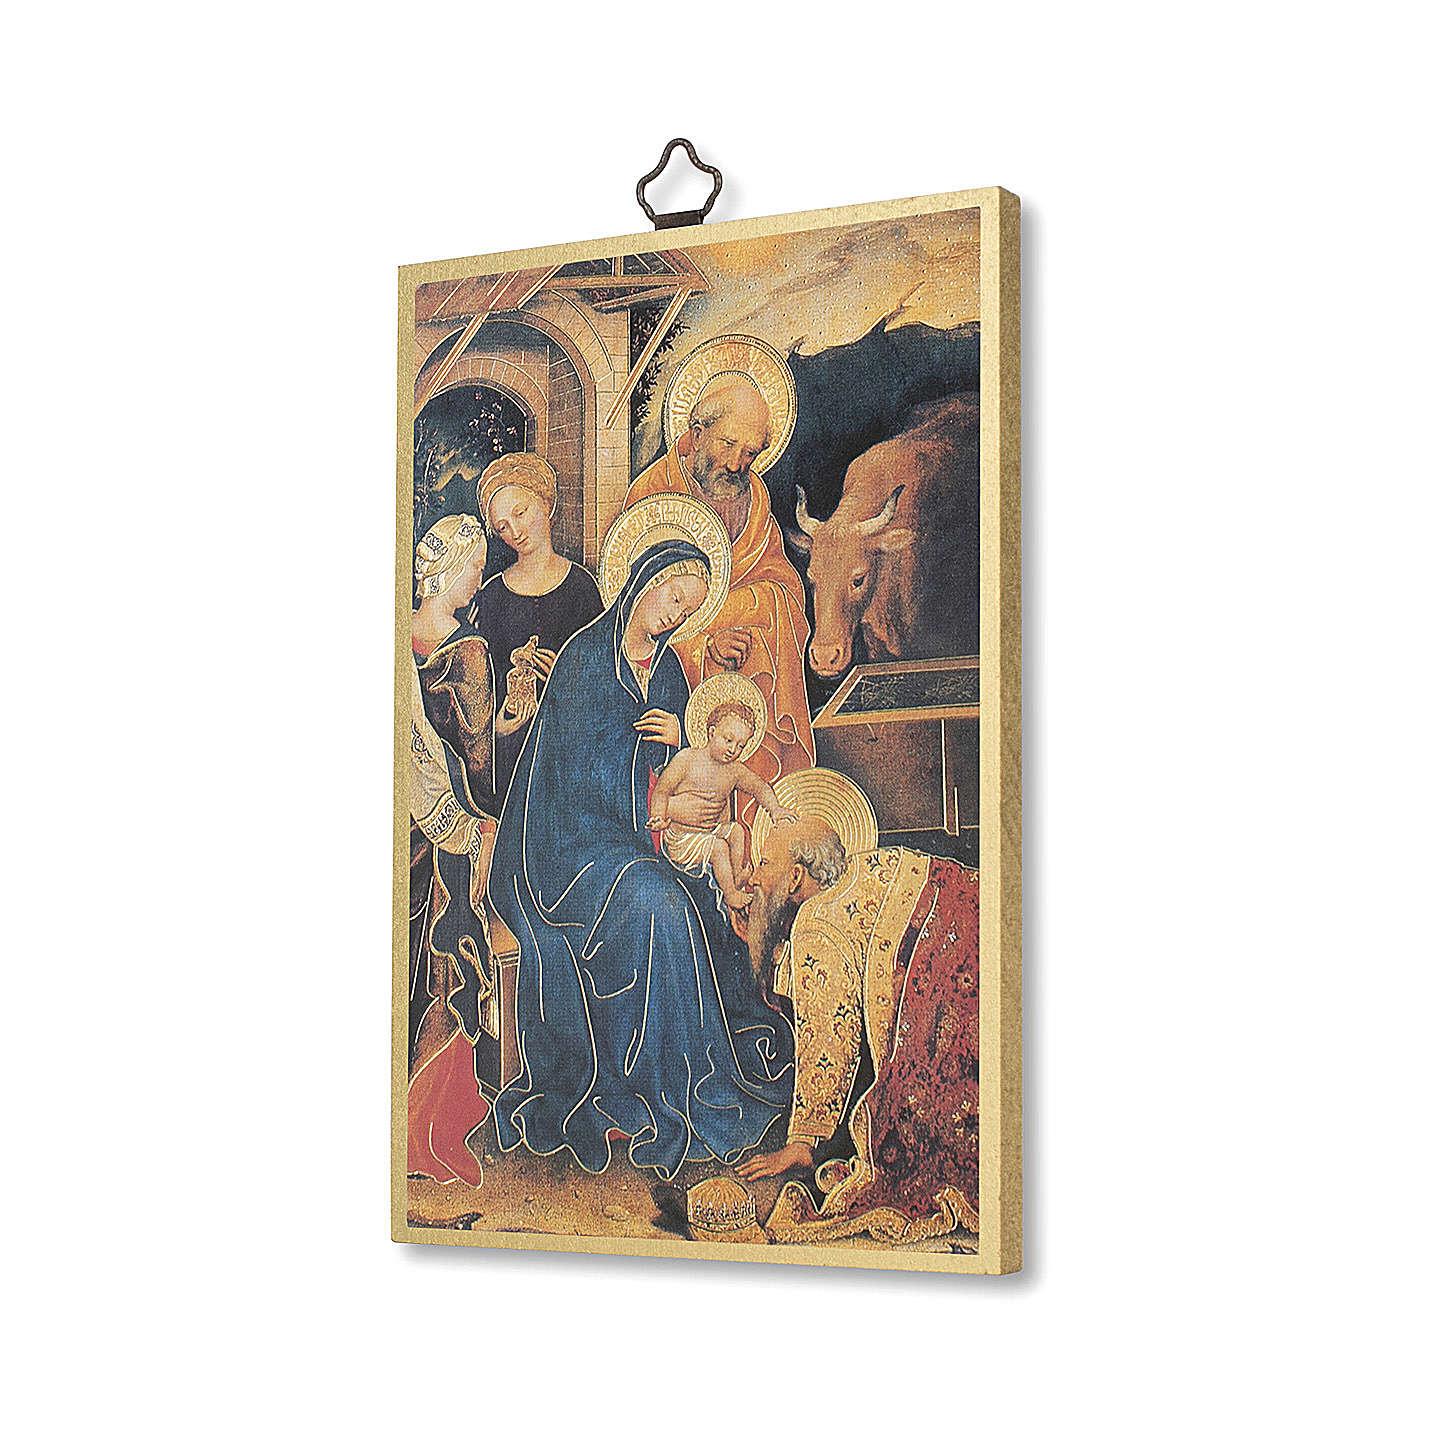 Stampa su legno Adorazione dei Magi di Gentile da Fabriano 3